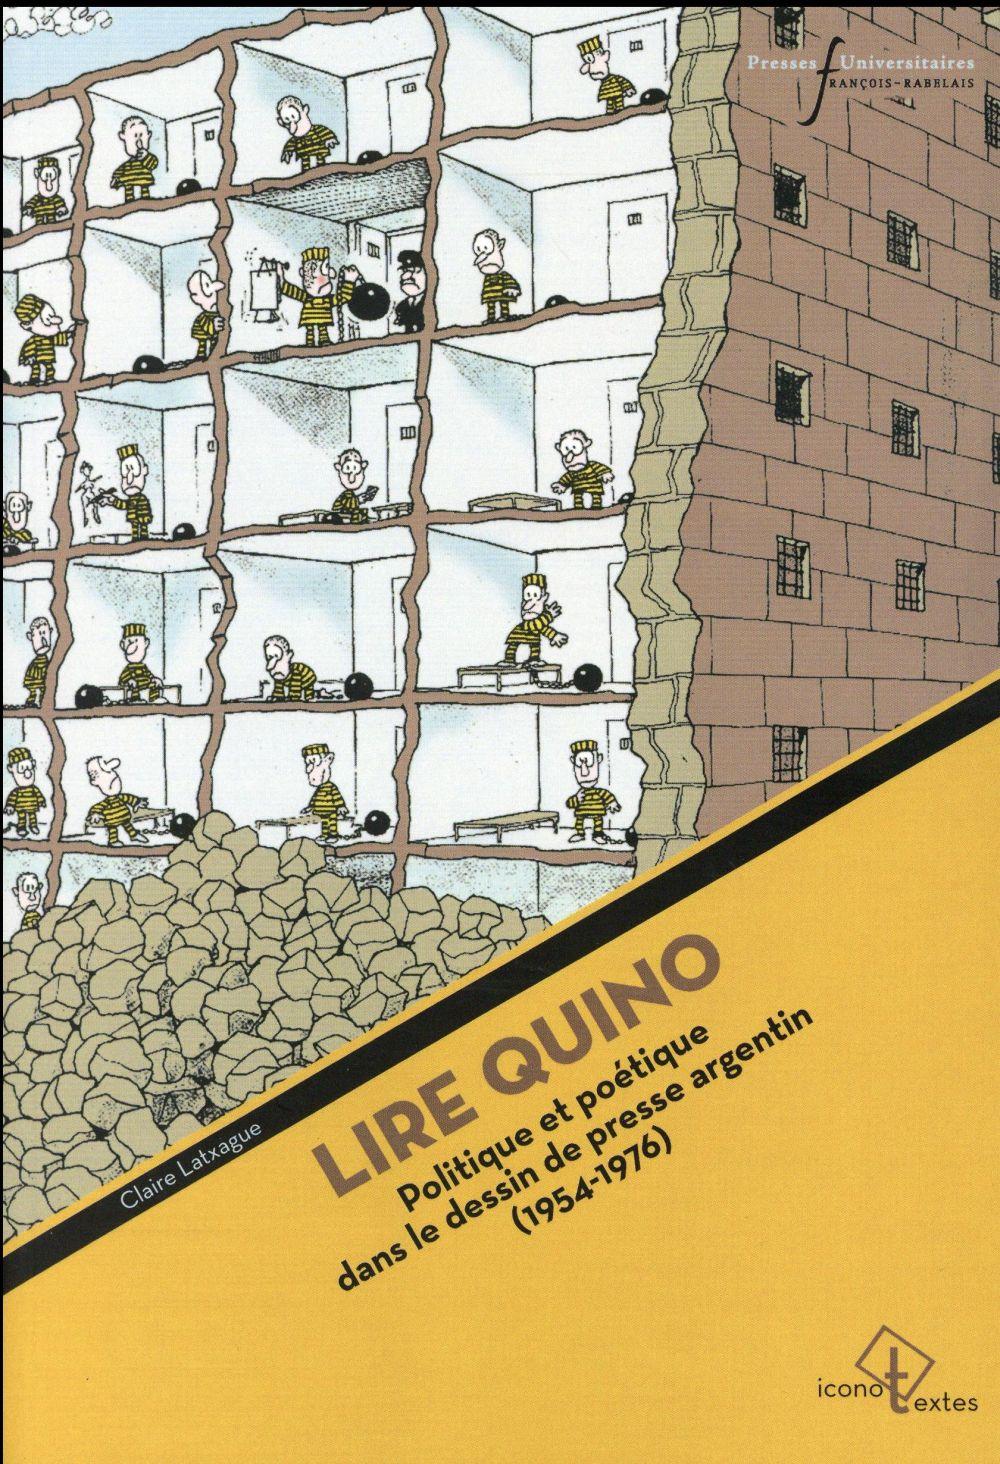 Lire quino - politique et poetique dans le dessin de presse argentin (1954-1976)